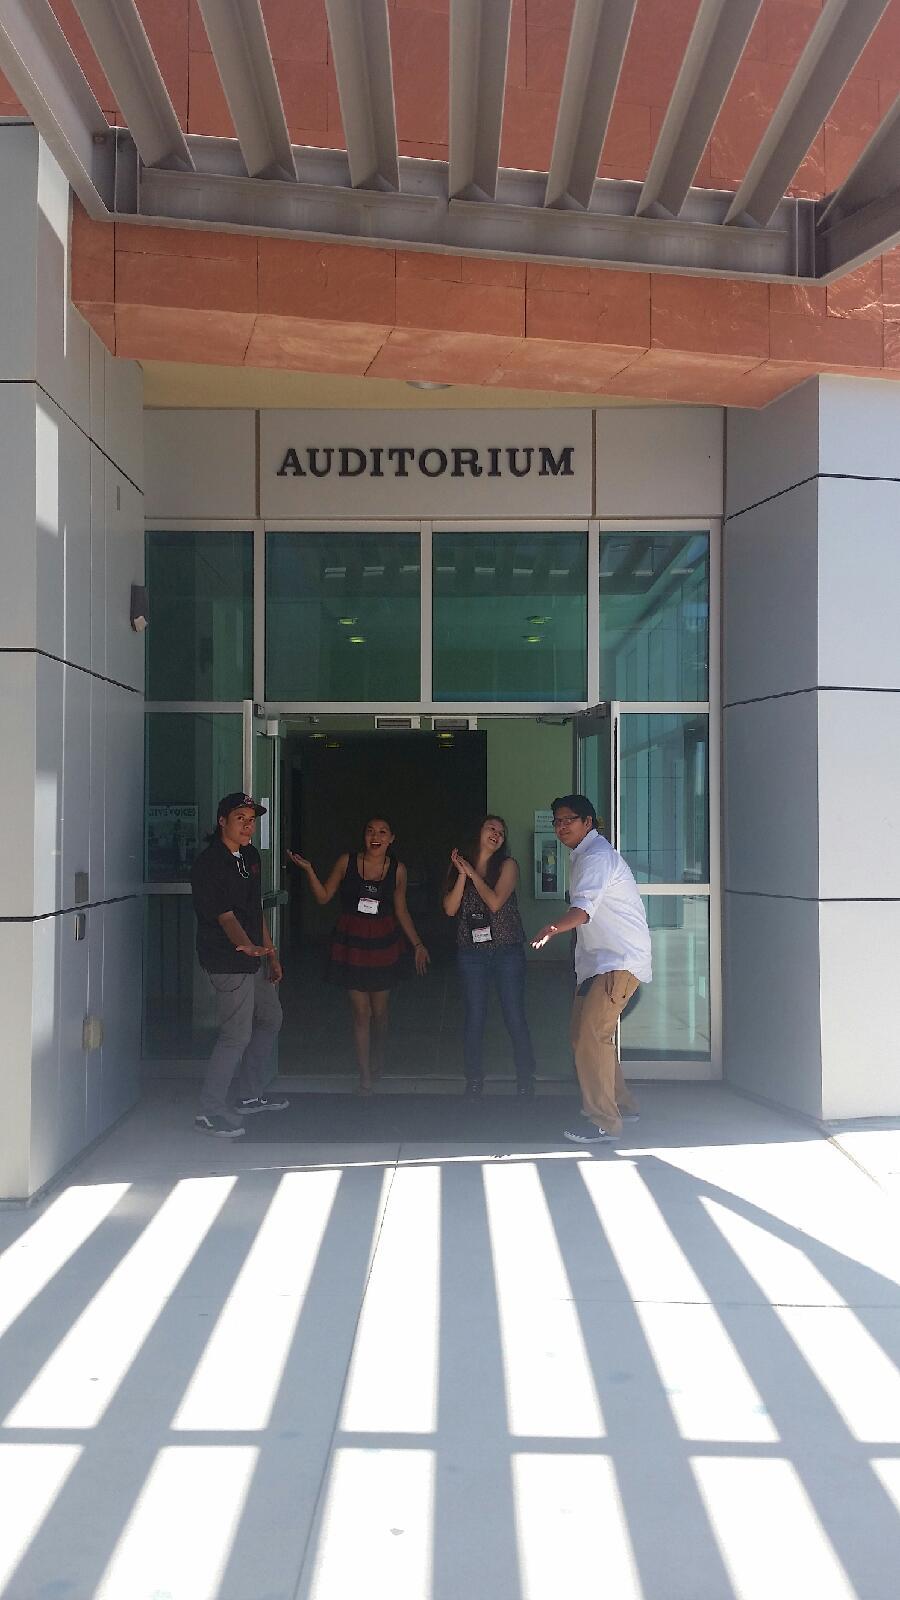 Étudiants postés à l'extérieur de l'auditorium.